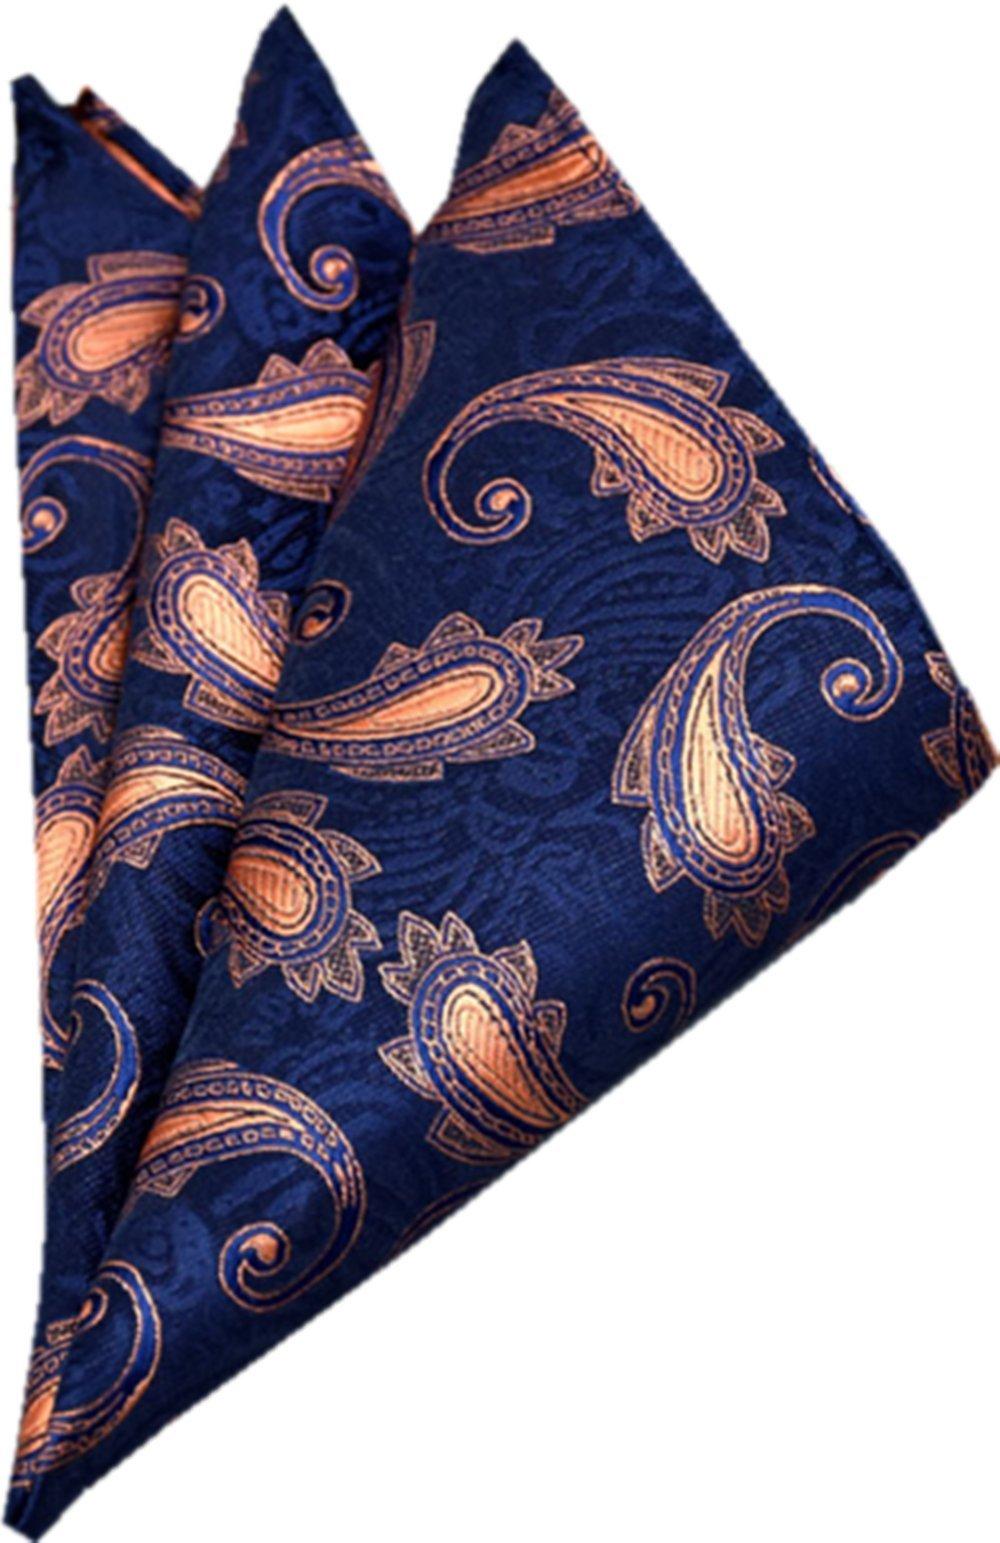 YUNEE Mens Cotton Pocket Square Handkerchief Hanky (Color8)